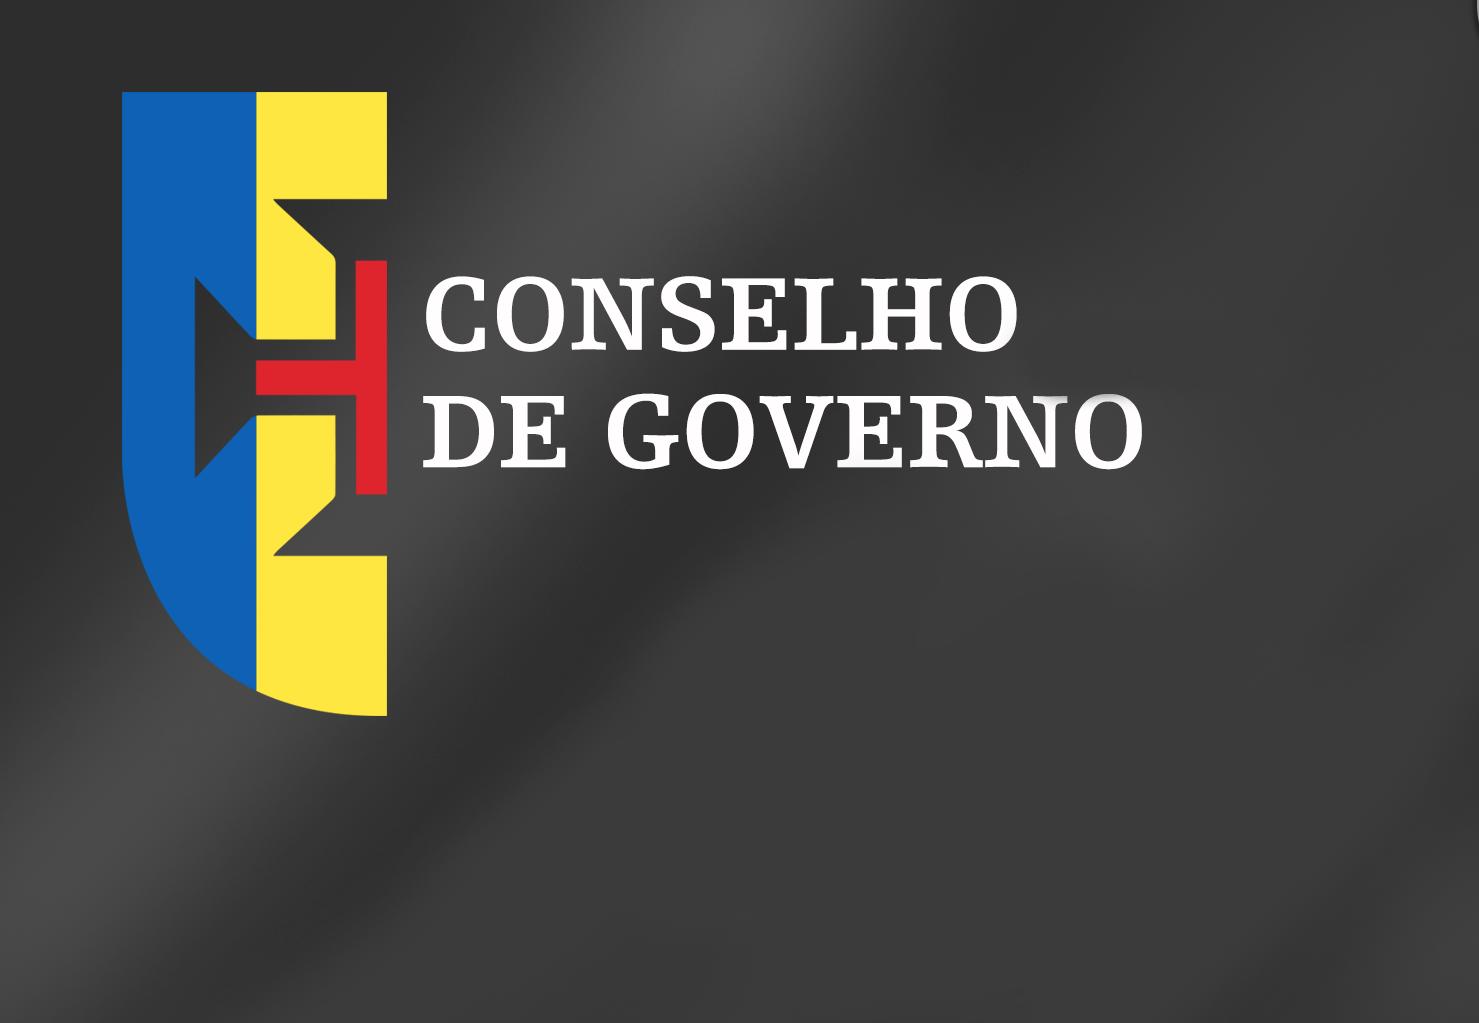 Conclusões Conselho de Governo - 5 de setembro de 2019